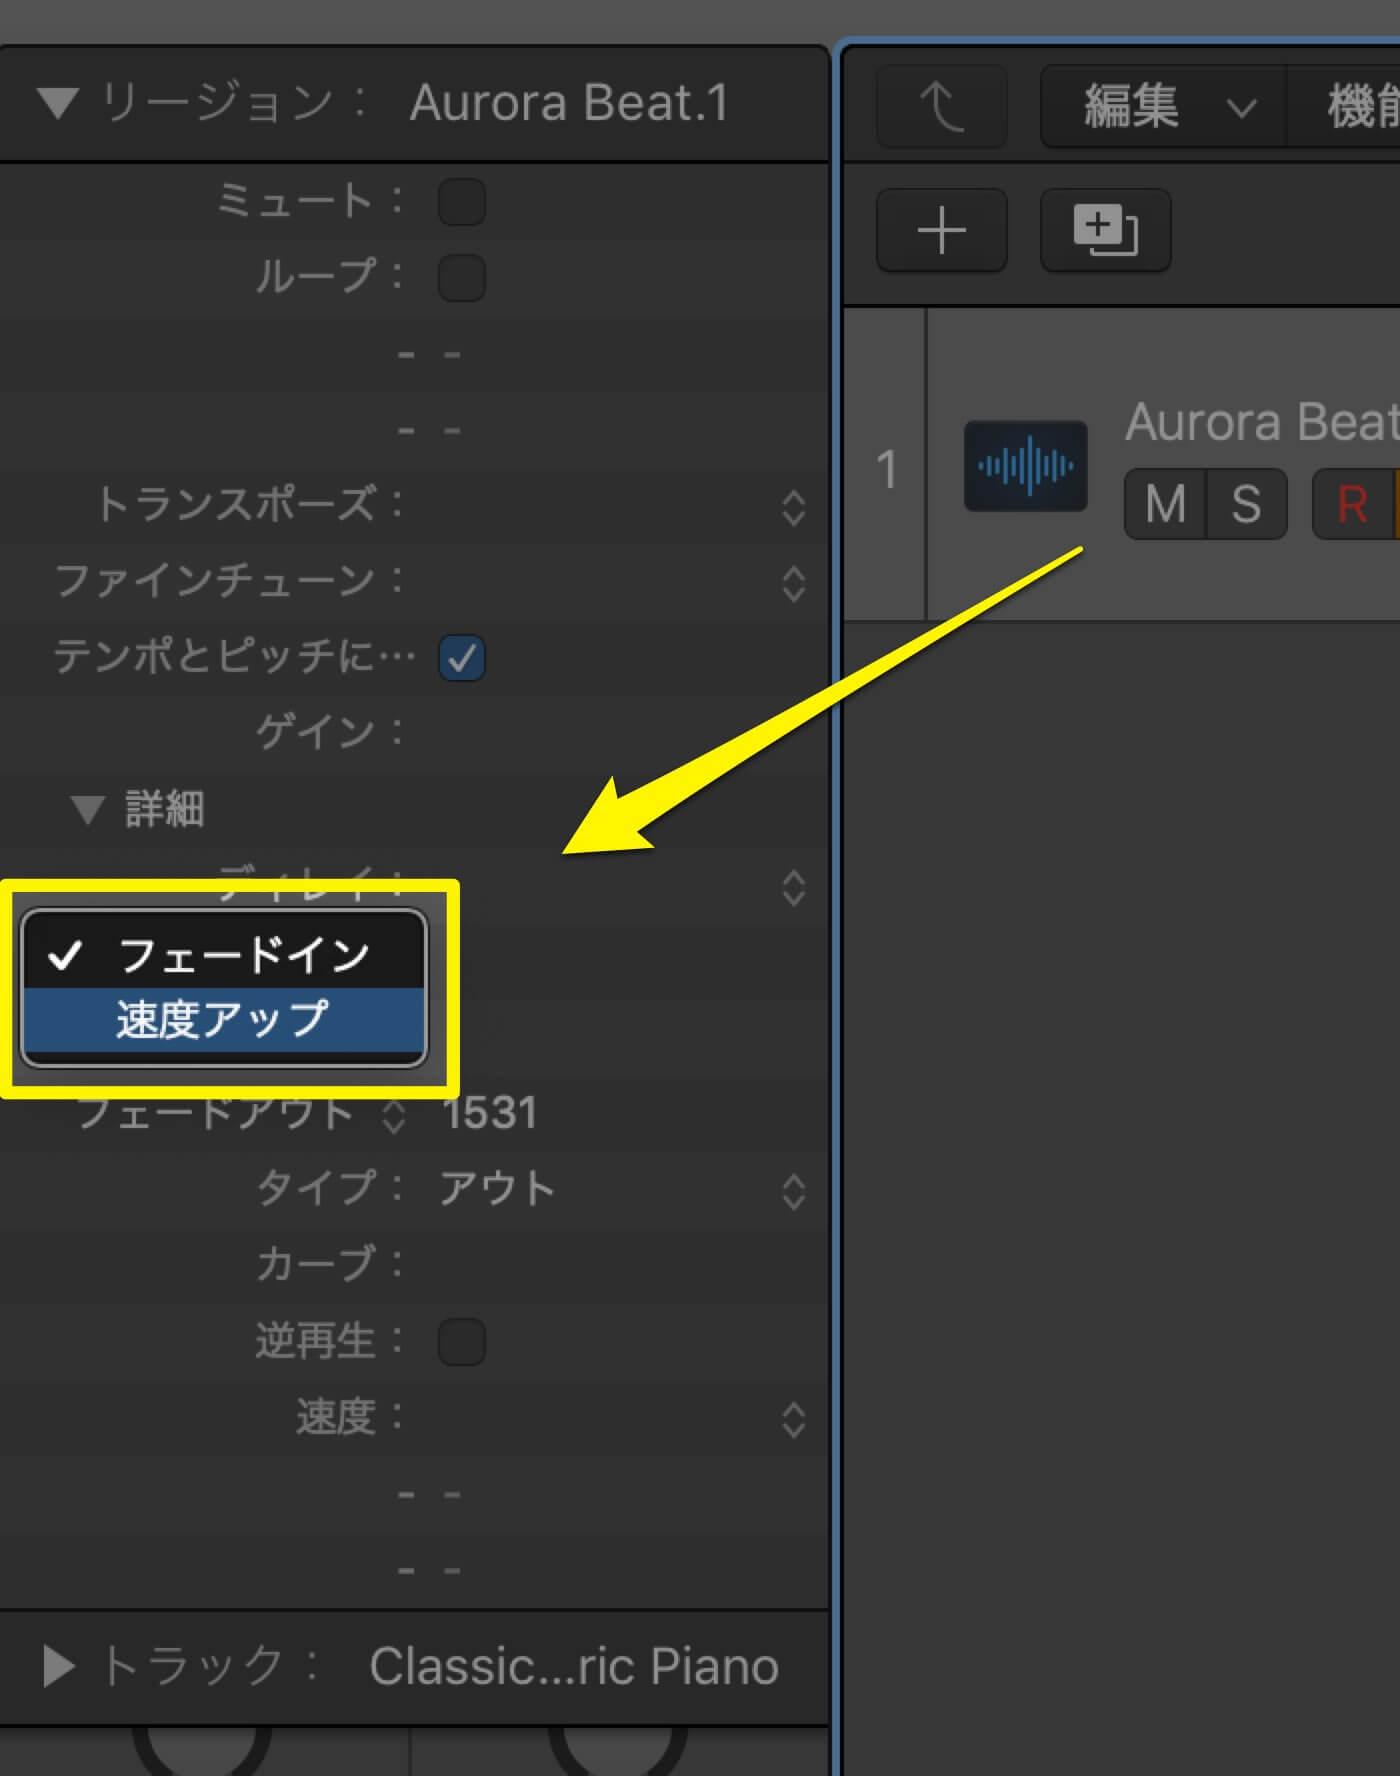 インスペクタウインドウのリージョンの中のフェードを変更する